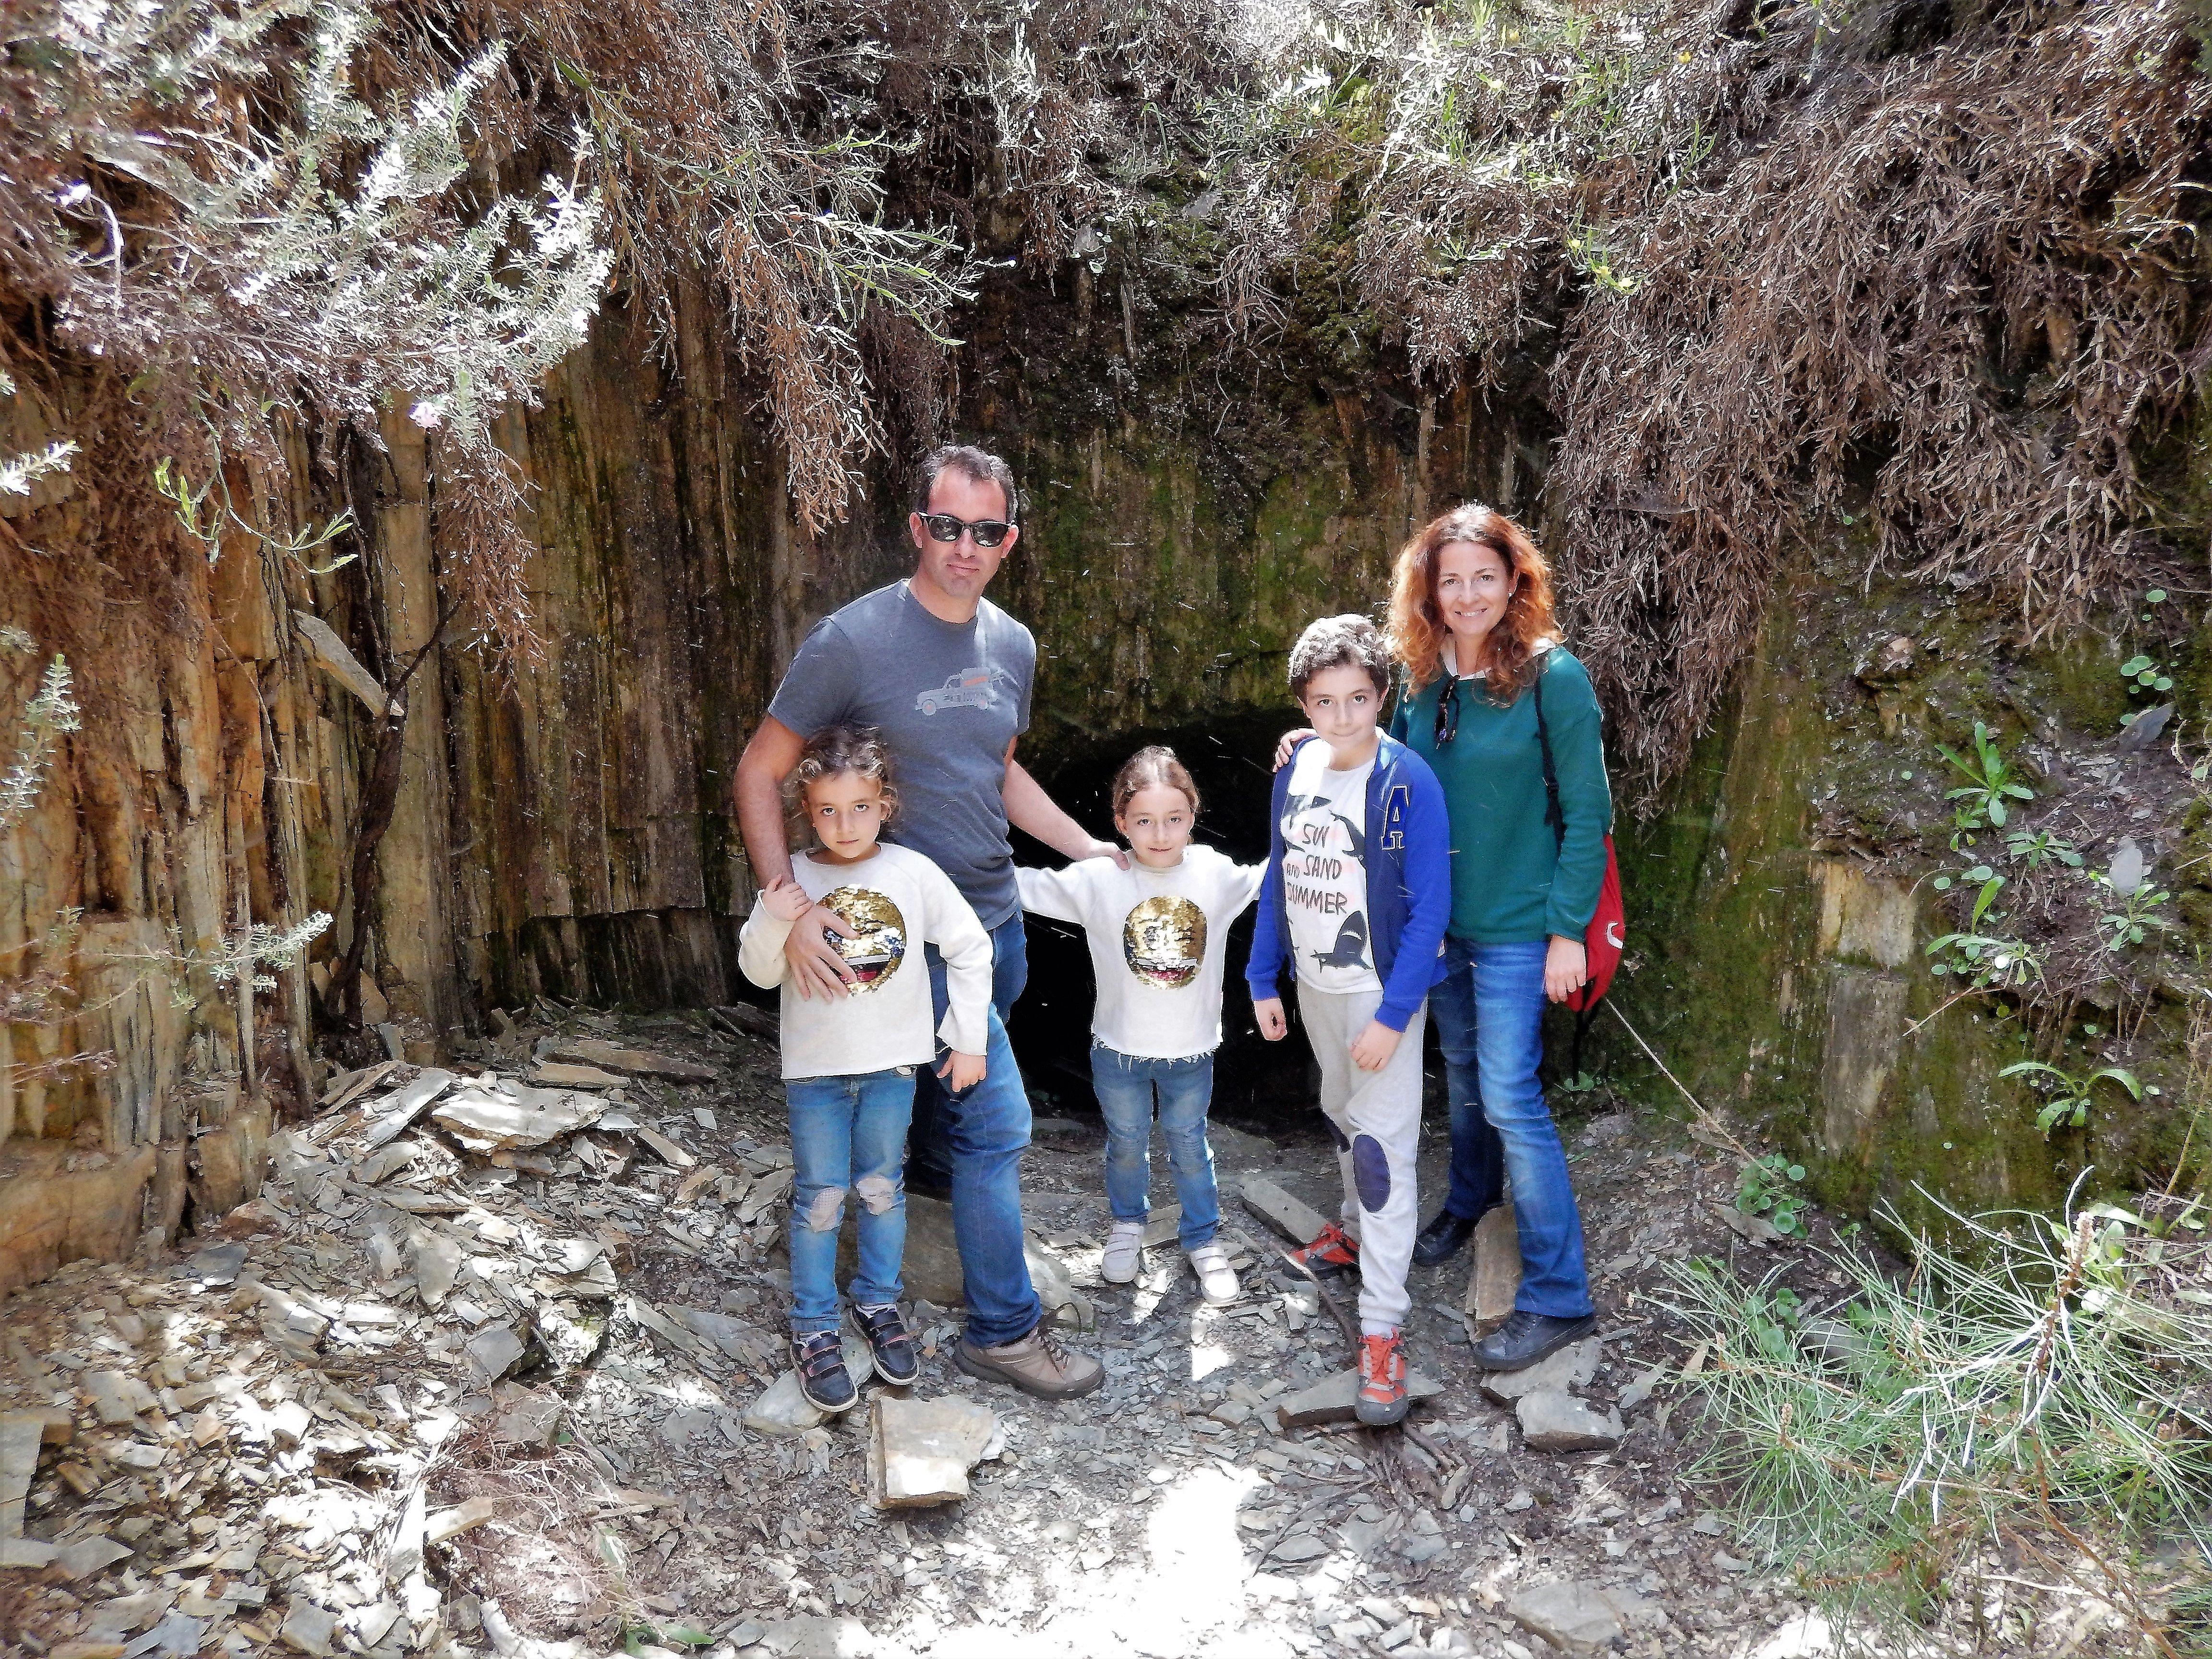 Buscando Oro En Familia Mina De Oro Senderismo Buscar Oro